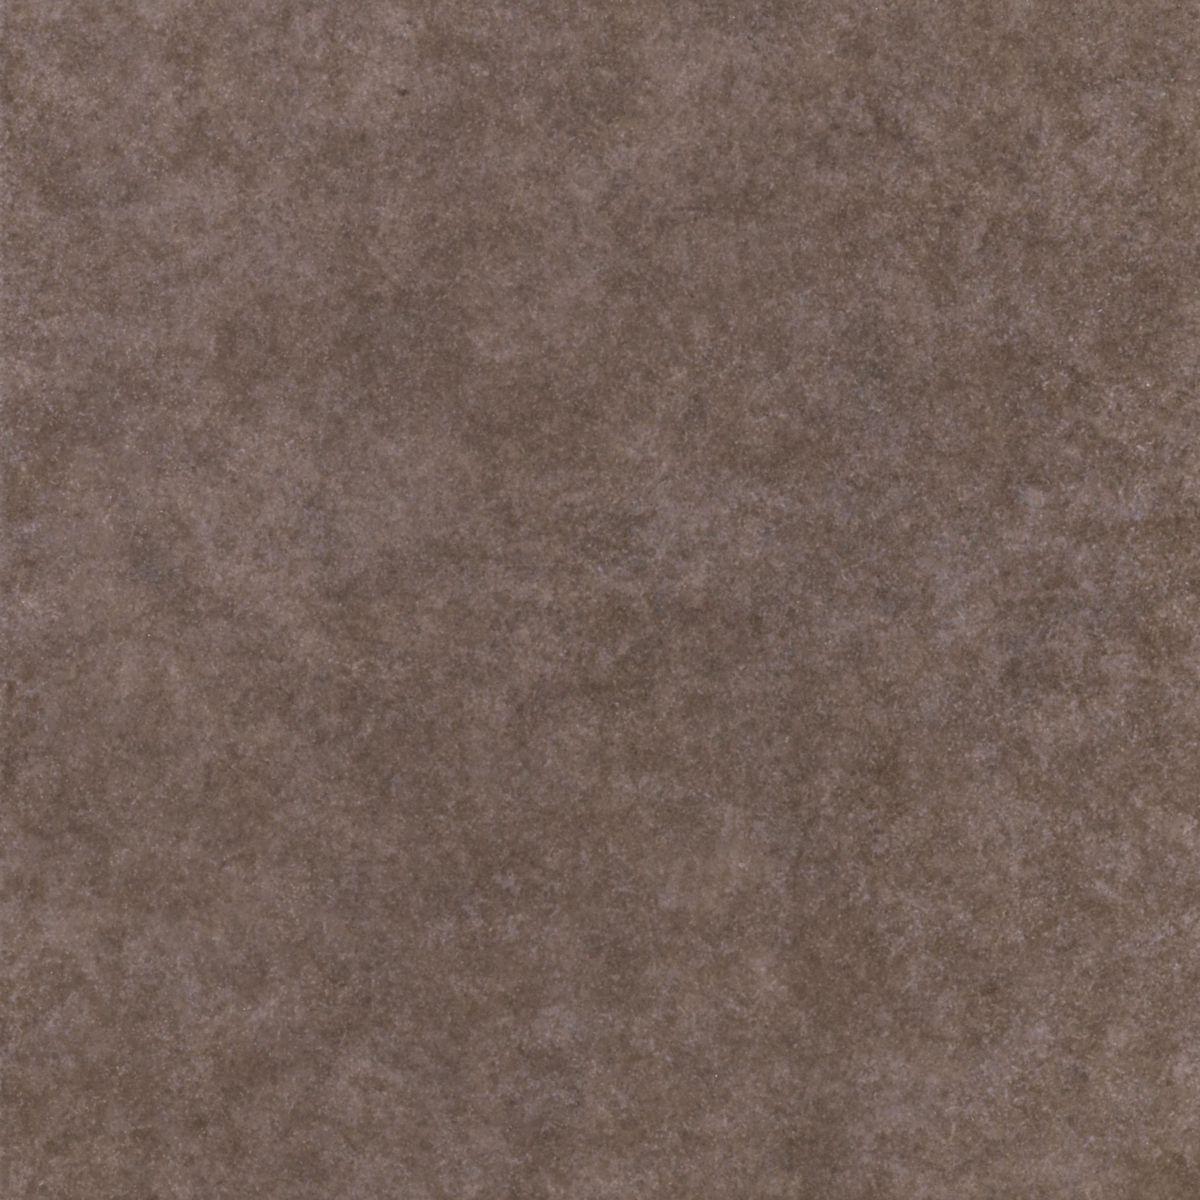 Plinthe Carrelage Sol Interieur Gres Cerame Emaille London Marron Mat 7 5x41 Cm Portoceram